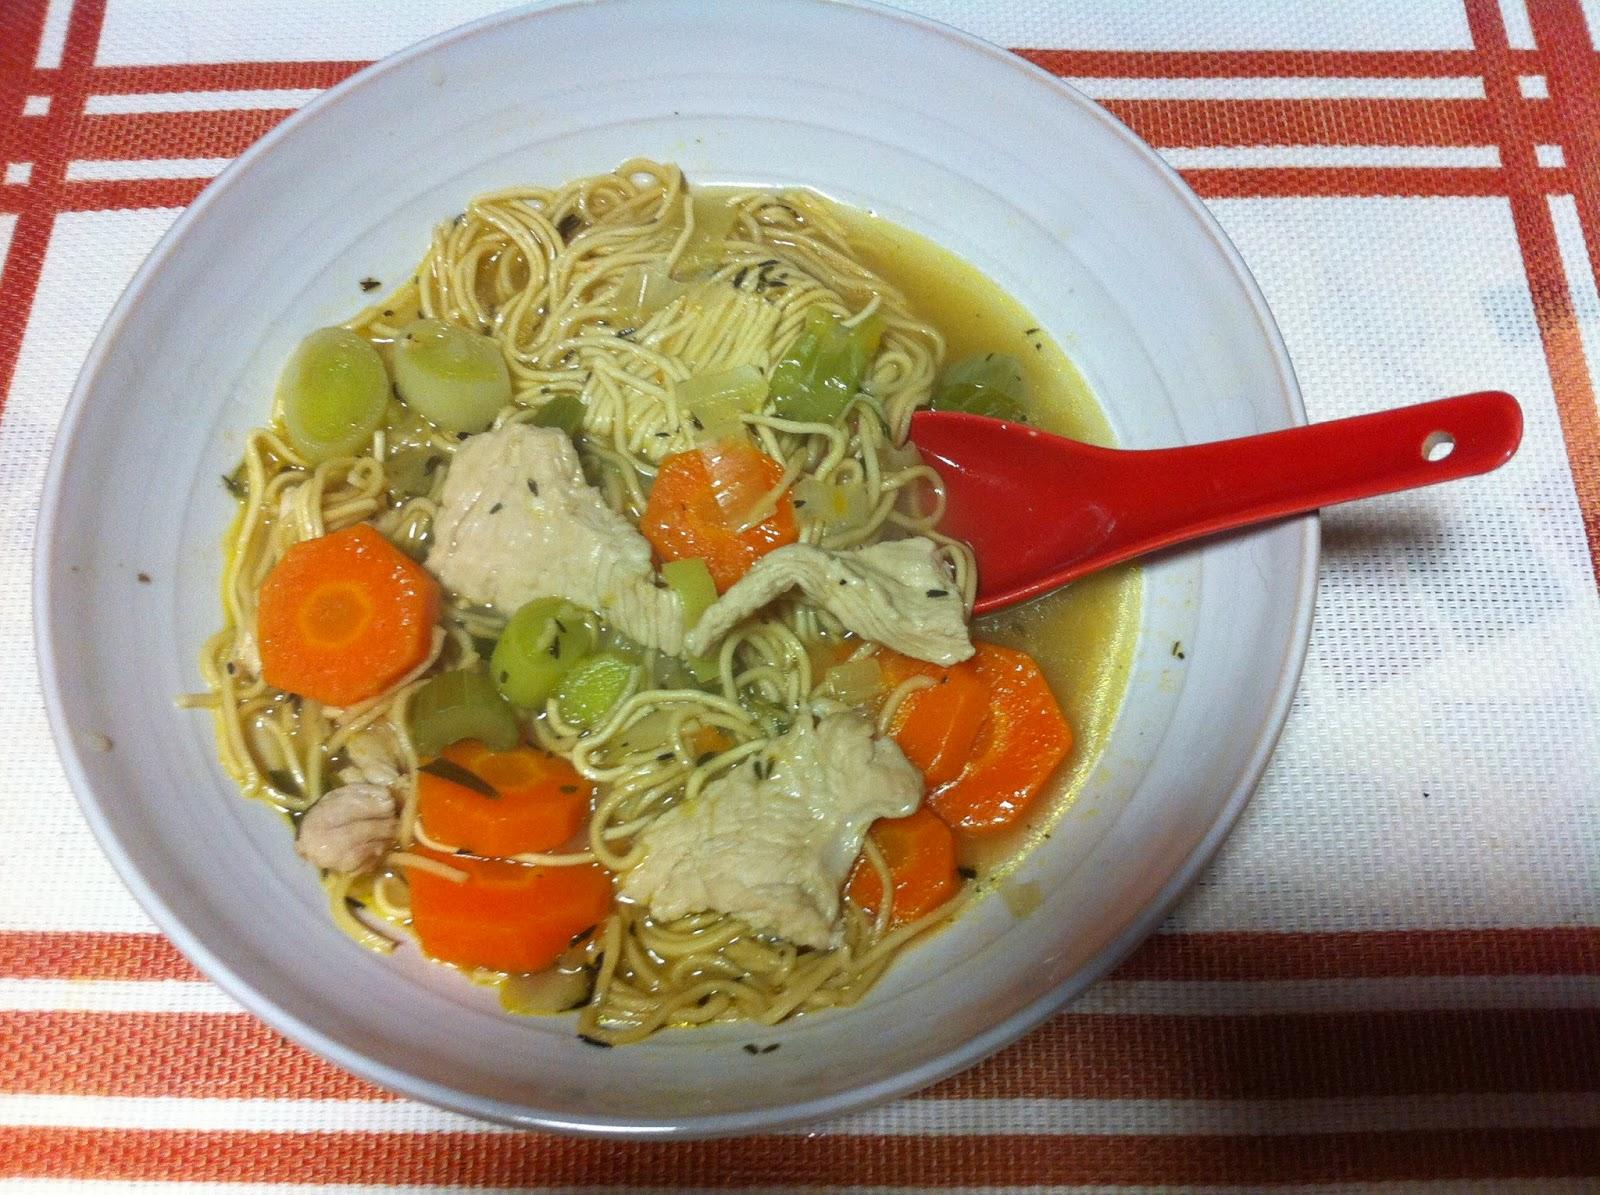 Soupe 7 legumes parfumee au curry thermomix - Soupe de brocolis thermomix ...